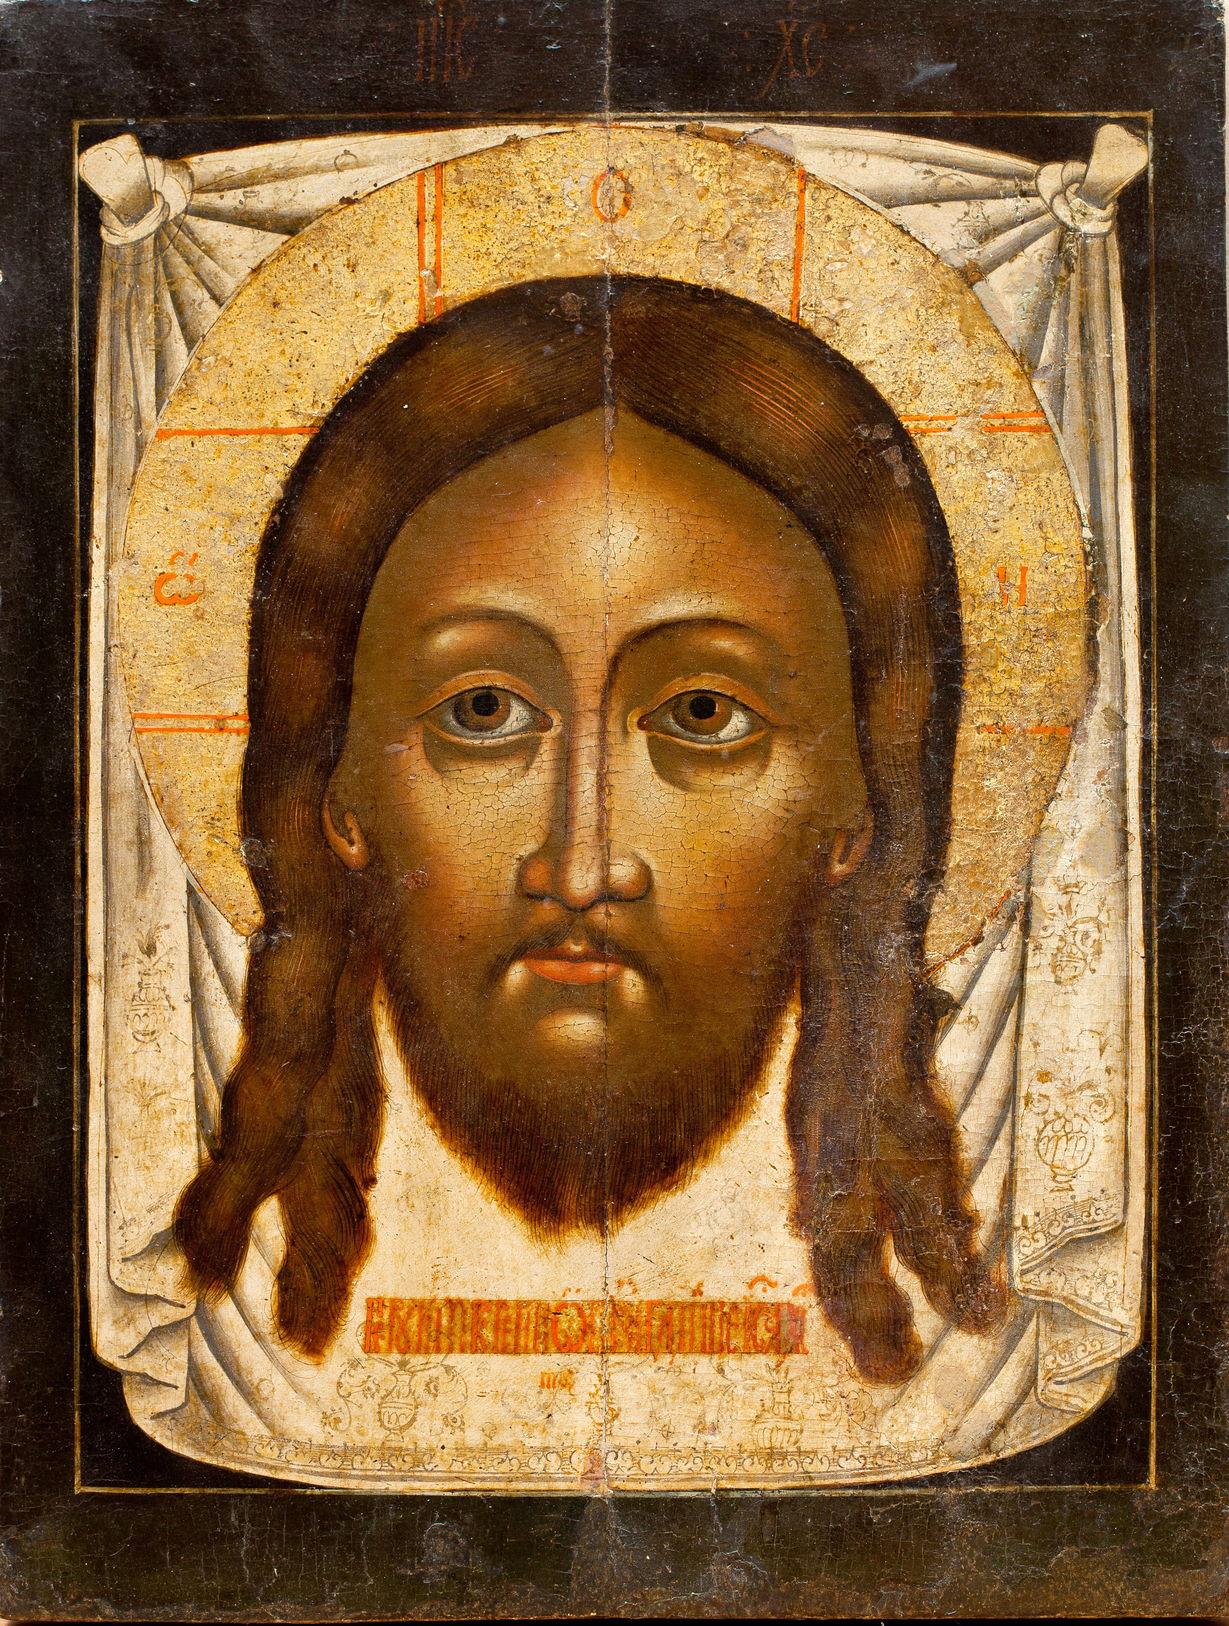 Икона «Спас Нерукотворный». XVII в. Иконография образа связана с посланием царю Авгарю